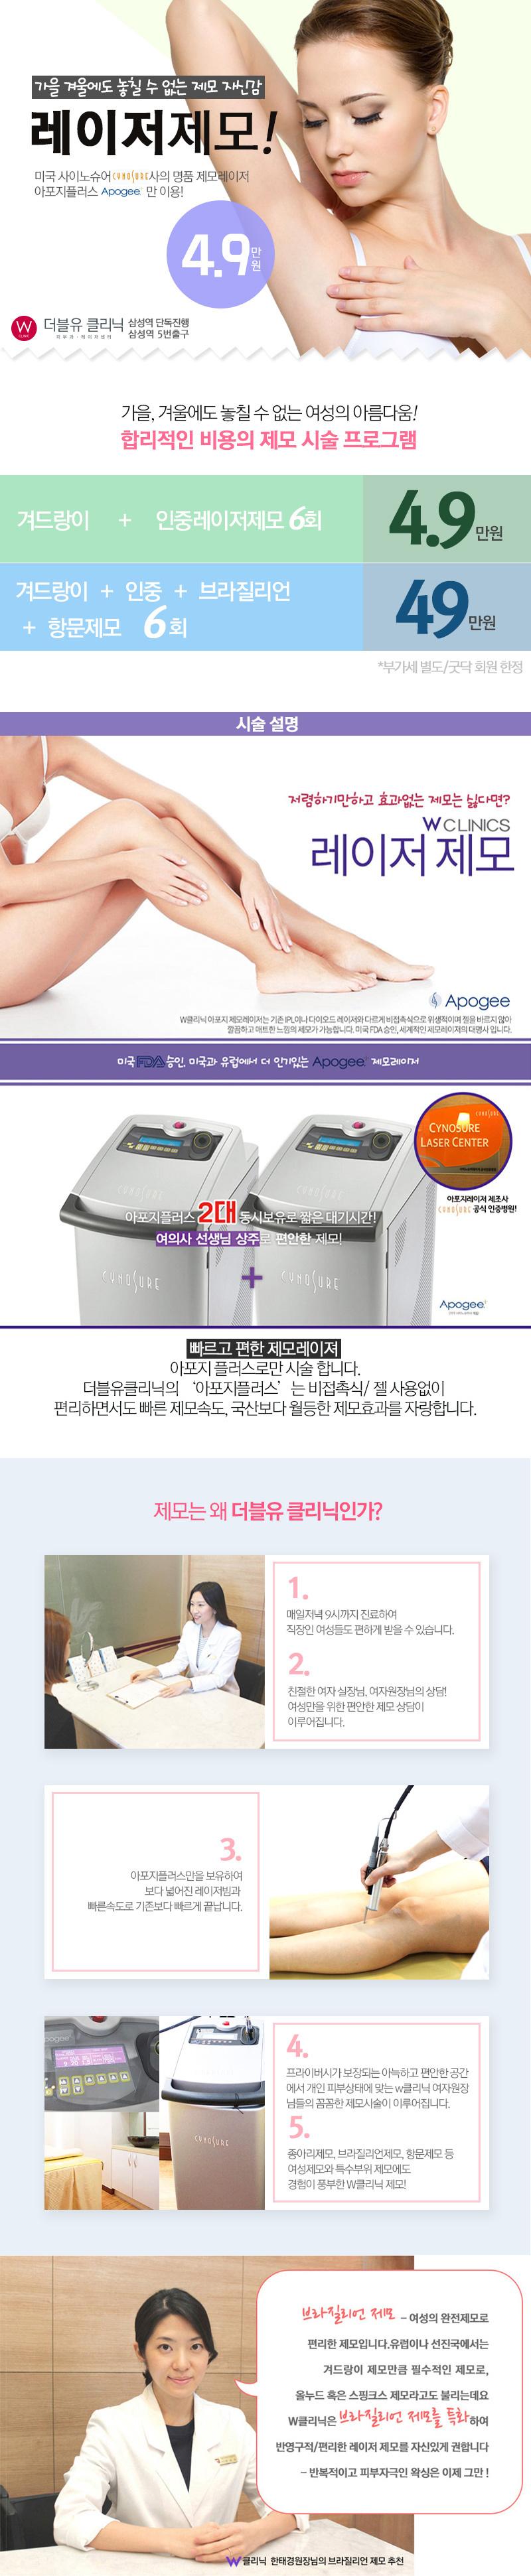 D event info a20070537b5d01e953